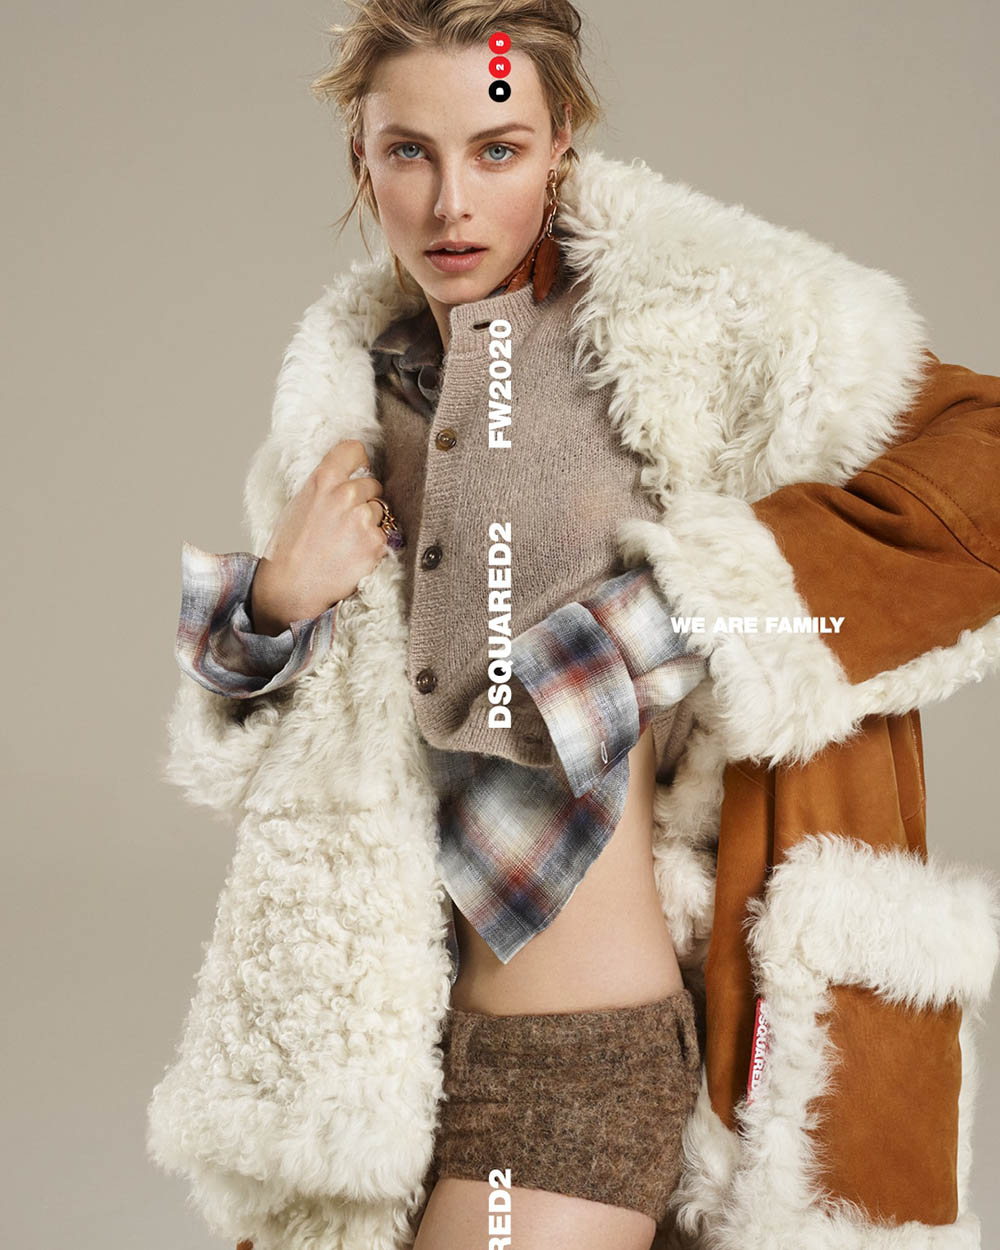 Dsquared2 Fall-Winter 2020 Campaign